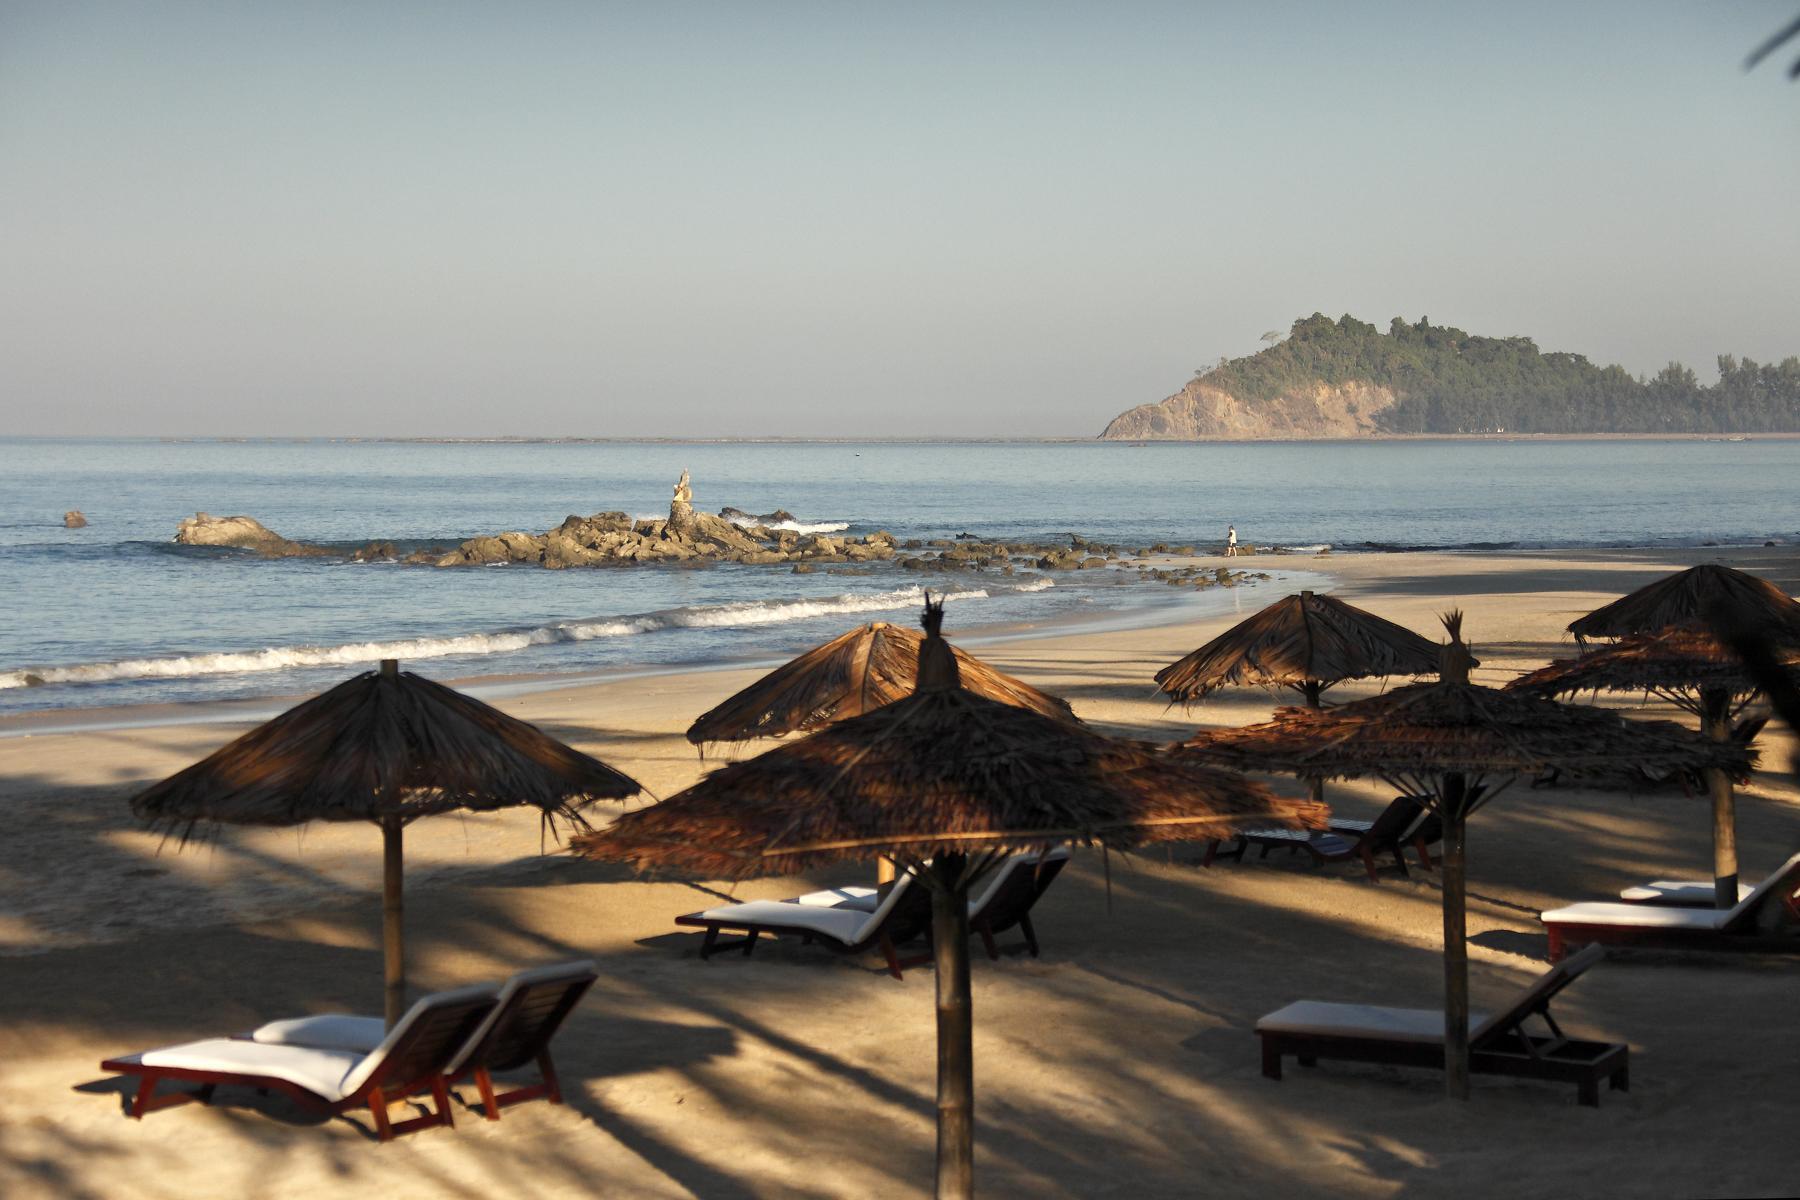 Der Strand von Ngapali mit Sonnenliegen und Schirmen in Myanmar